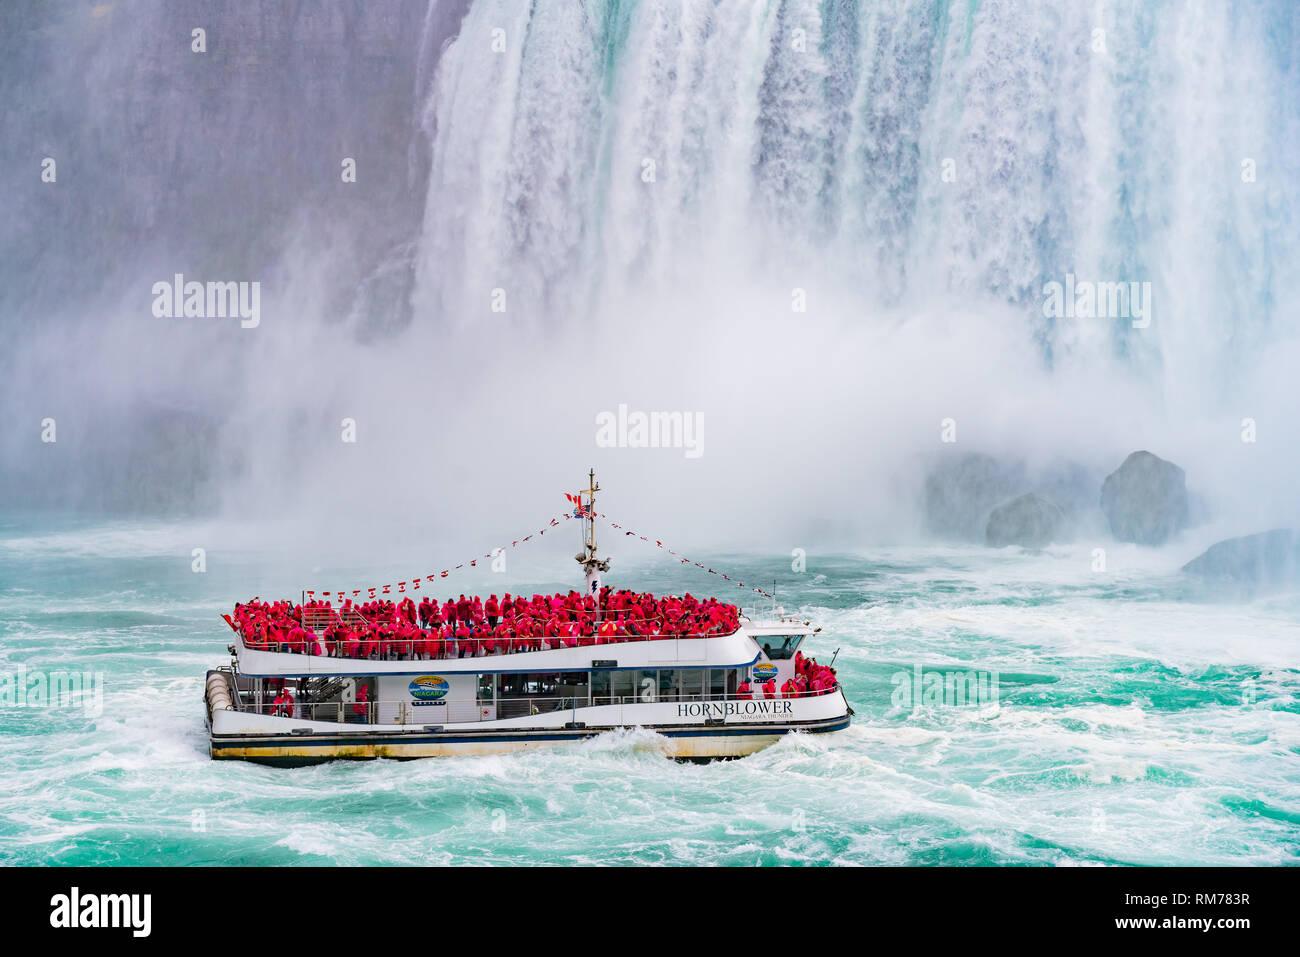 Toronto, 29.September: Nahaufnahme der schönen Horseshoe Fall mit Schiff in der Nähe am 29.Sep, 2018 in Toronto, Kanada Stockfoto